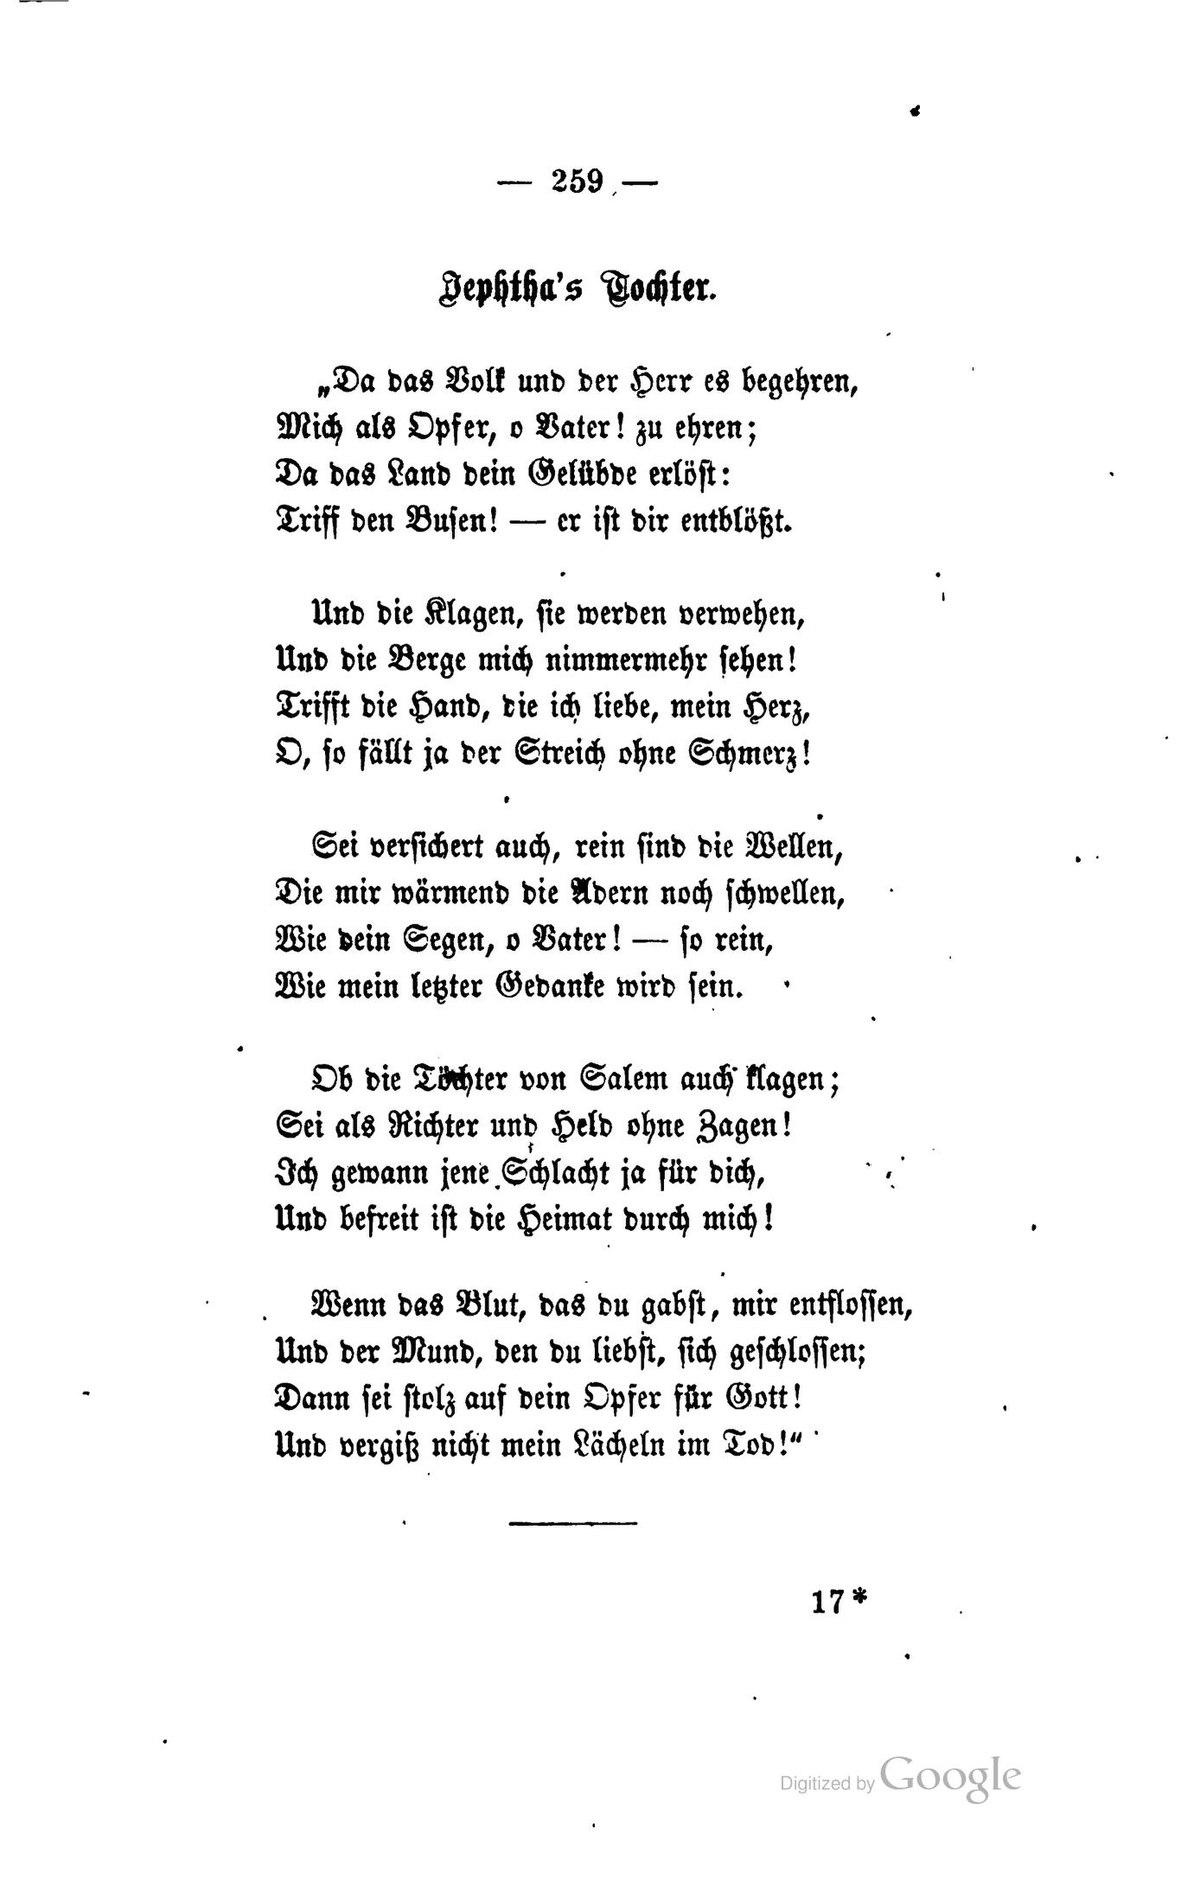 Filejoseph Emanuel Hilscher Gedichte 259jpg